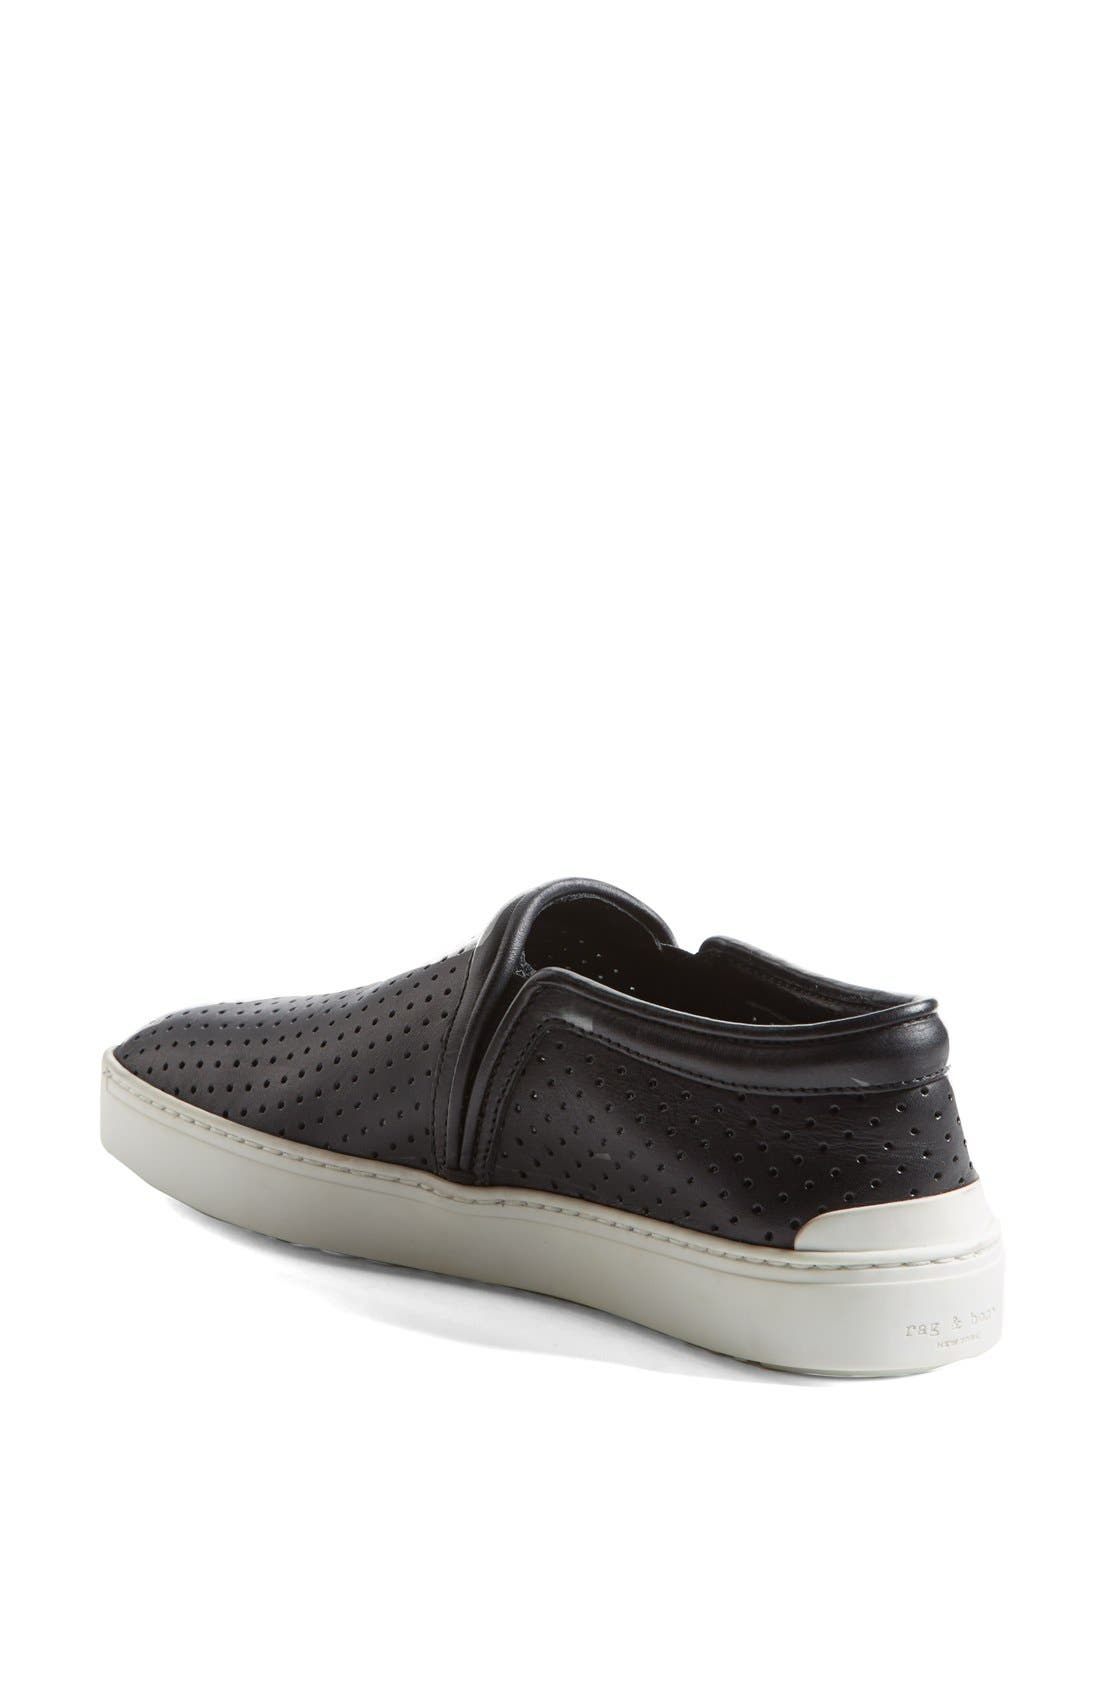 Alternate Image 2  - rag & bone 'Kent' Perforated Leather Slip-On